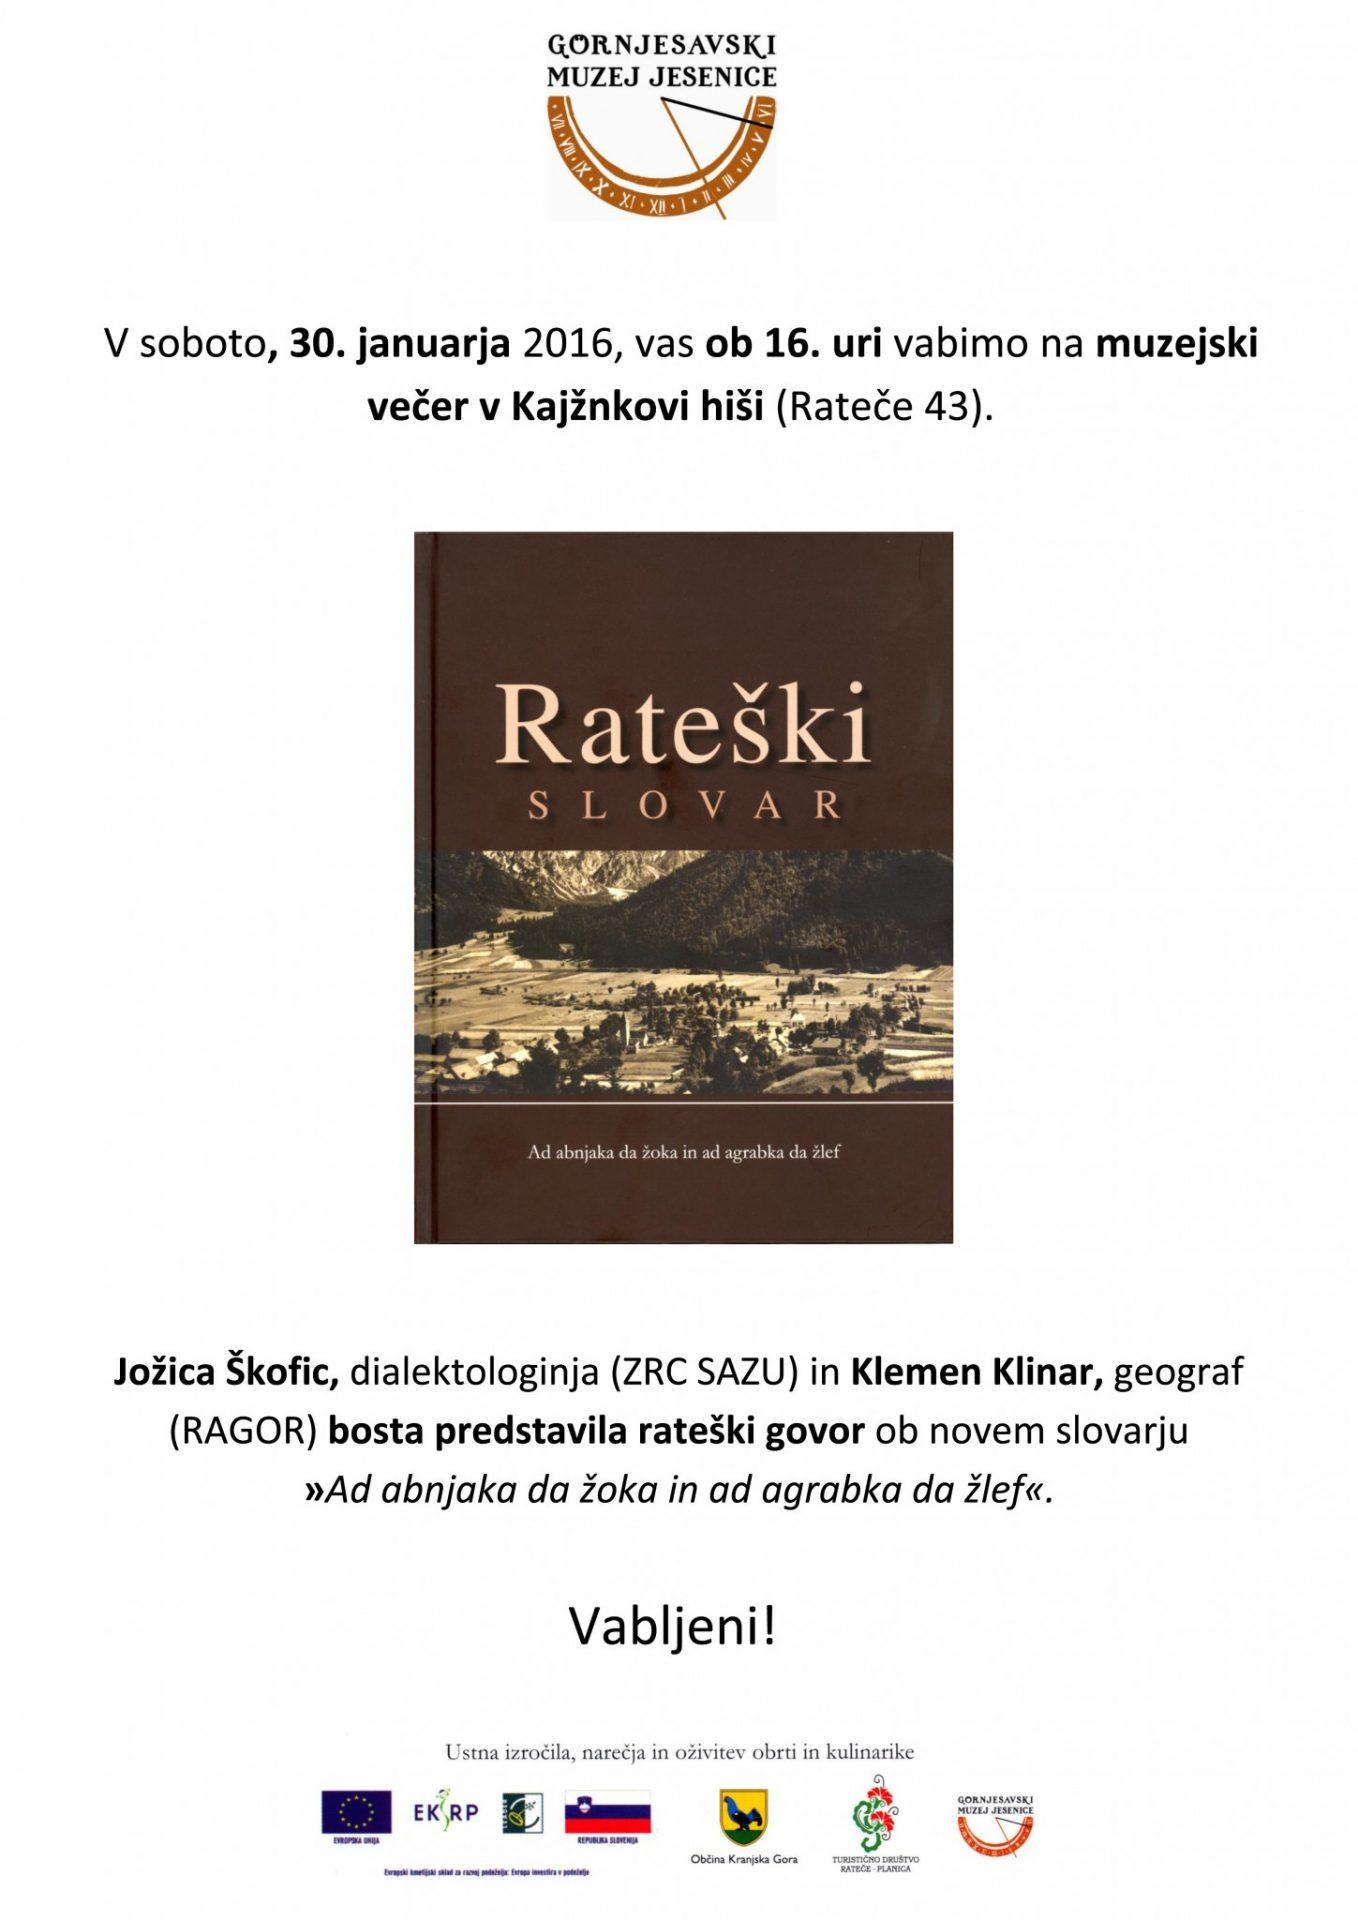 Plakat-Rateski-slovar